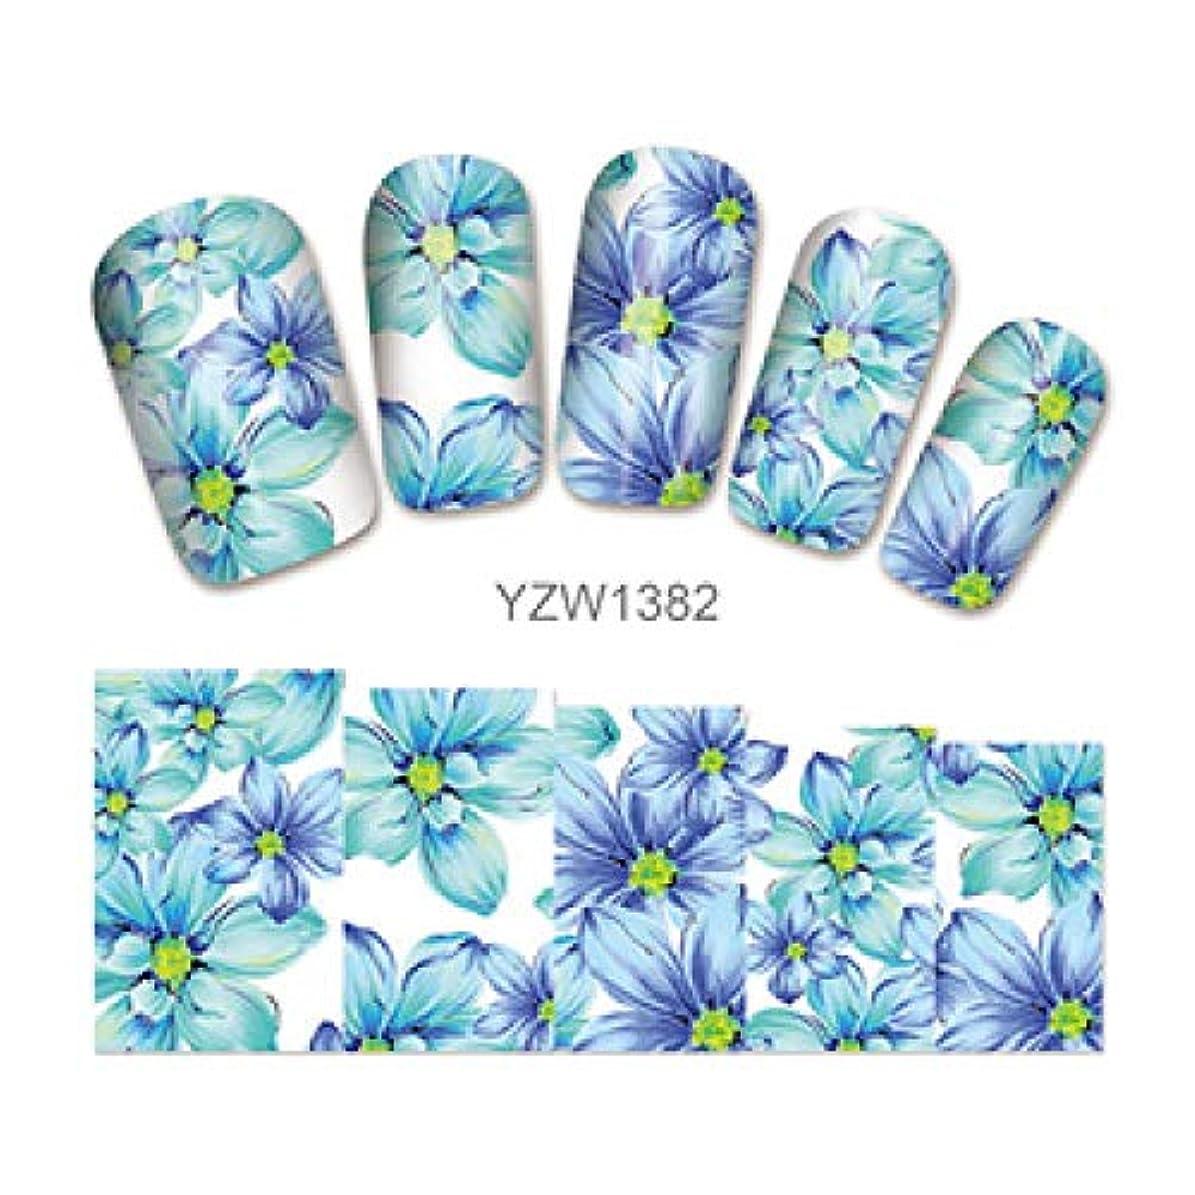 小売グローバル多分SUKTI&XIAO ネイルステッカー 1枚のシートの釘、Yzw1382のための任意完全なカバー釘水ステッカーの多彩な花模様のステッカー